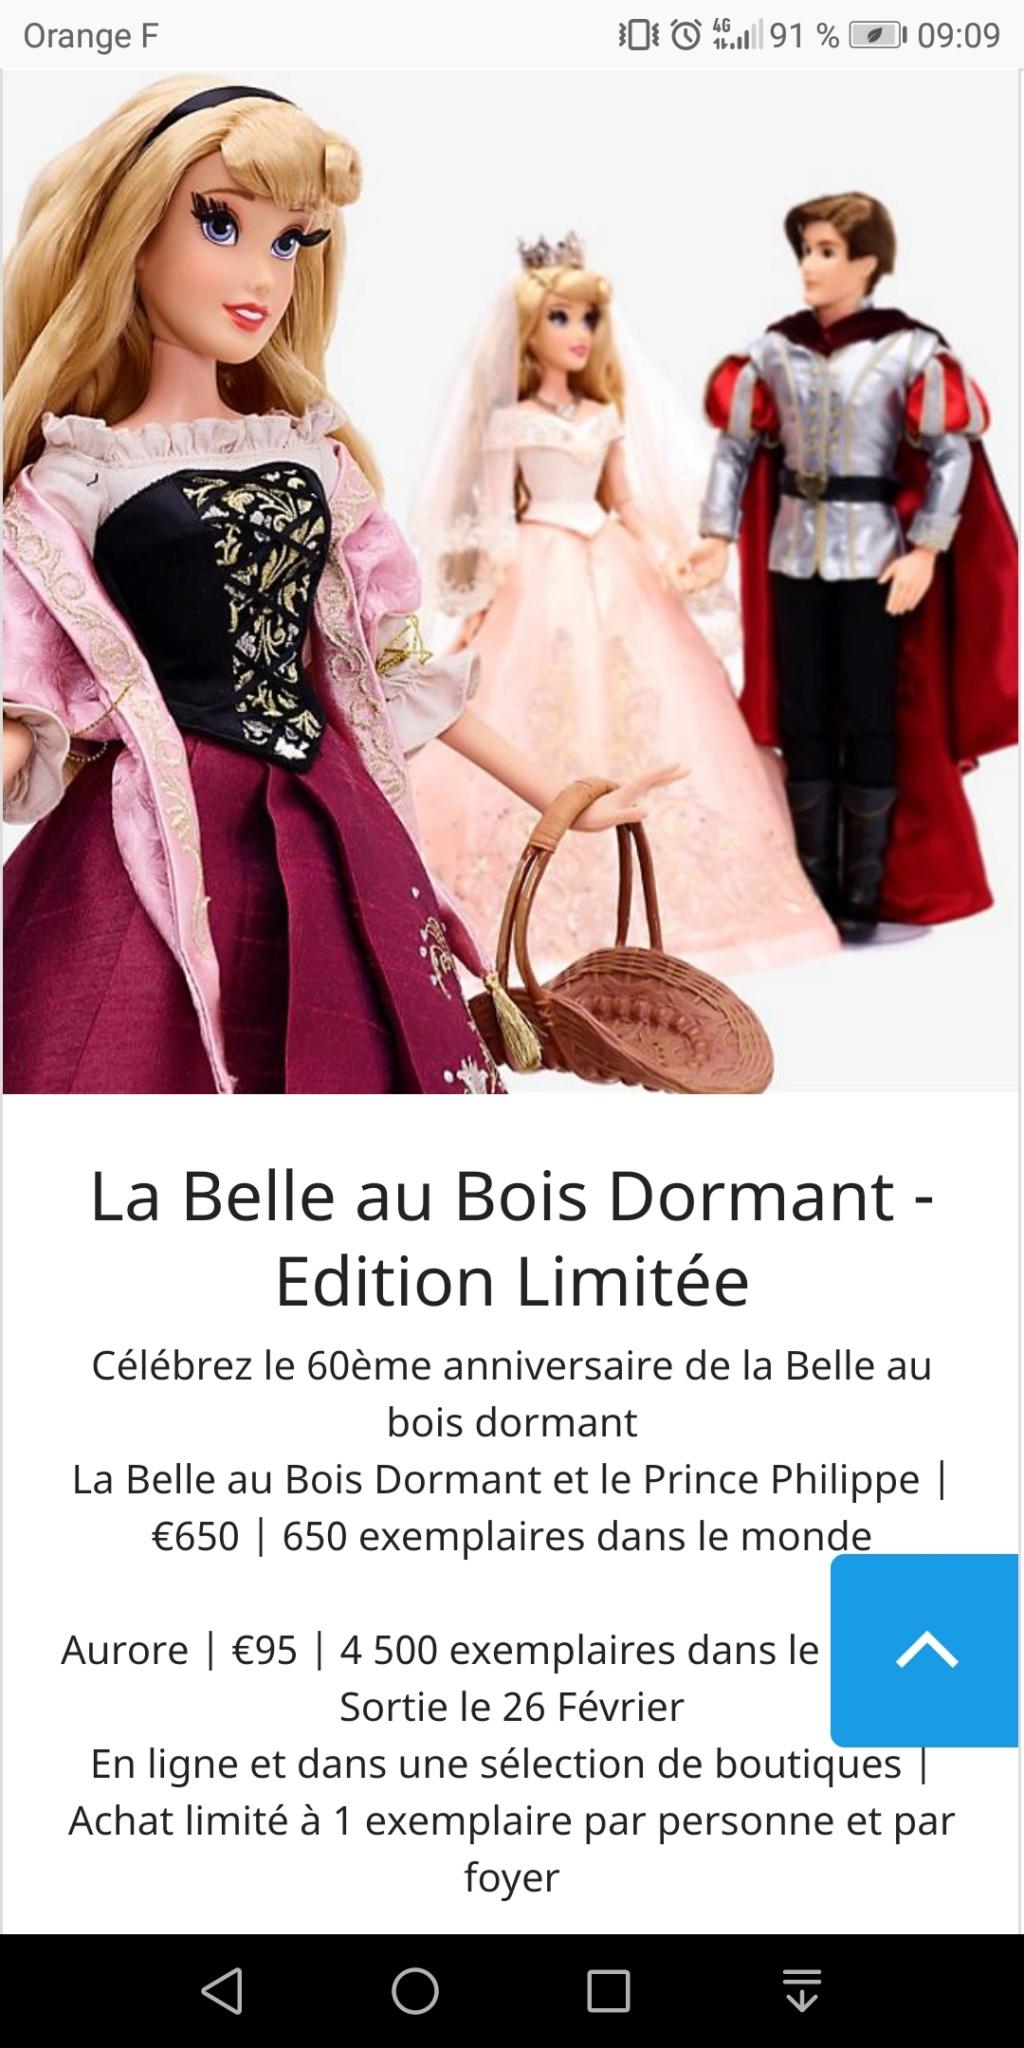 Rumeurs sur les poupées LE et Designer - Page 39 Screen12